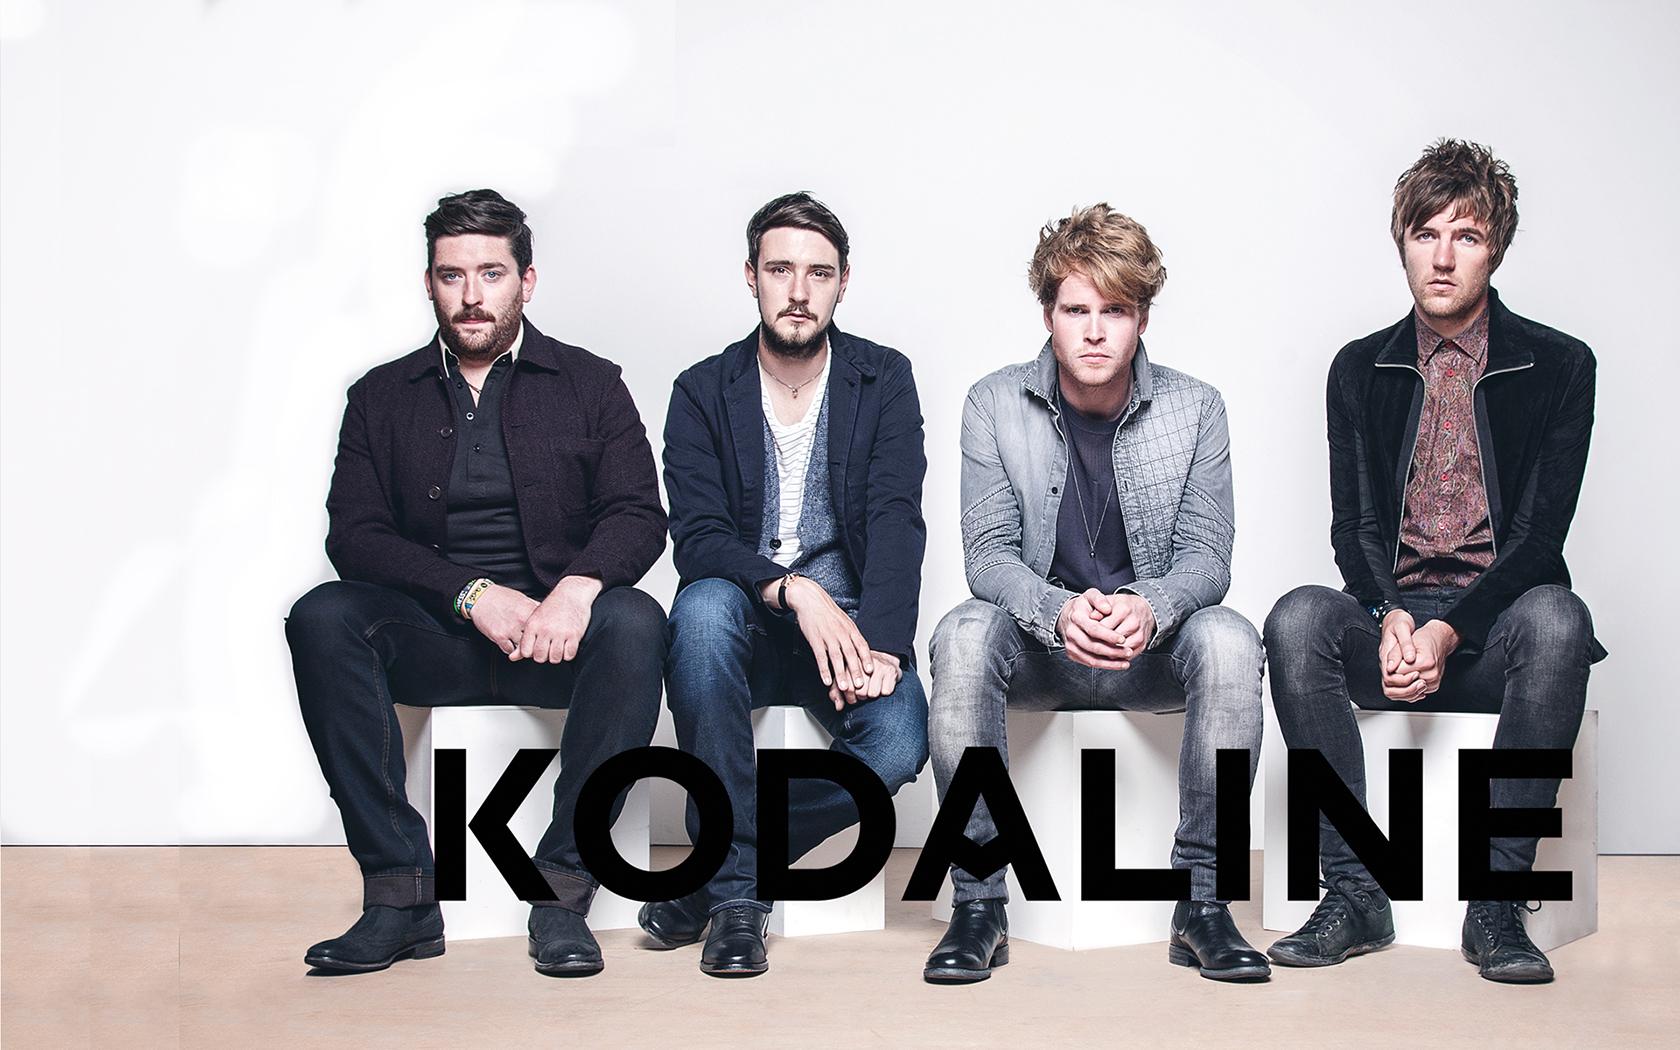 Band Indie yang Bisa Jadi Alternatif Musik Favorit Baru